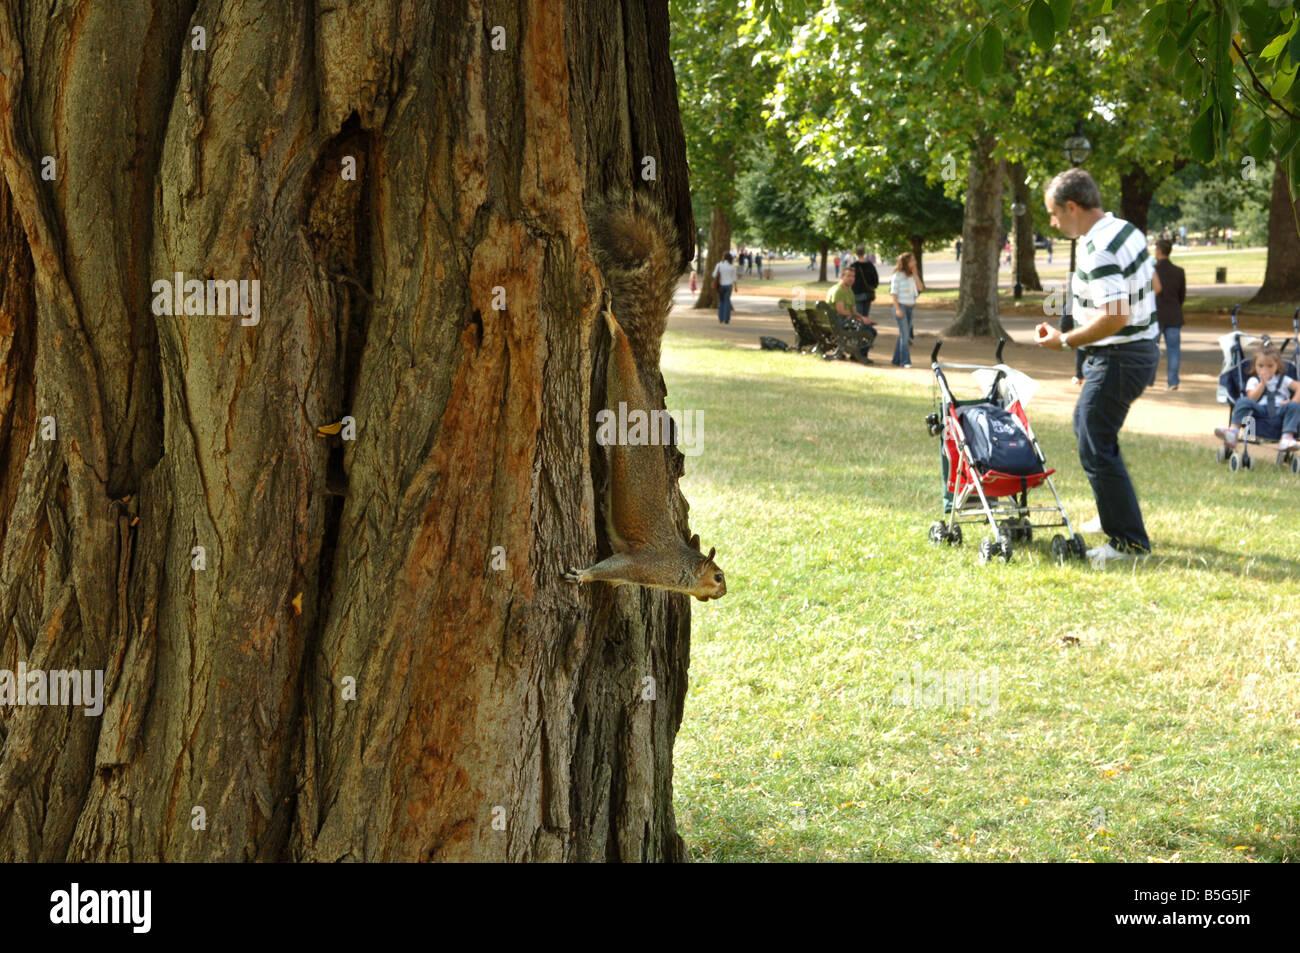 Grauhörnchen London Groß Britannien 2008 Grey Squirrel London Great Britain 2008 - Stock Image